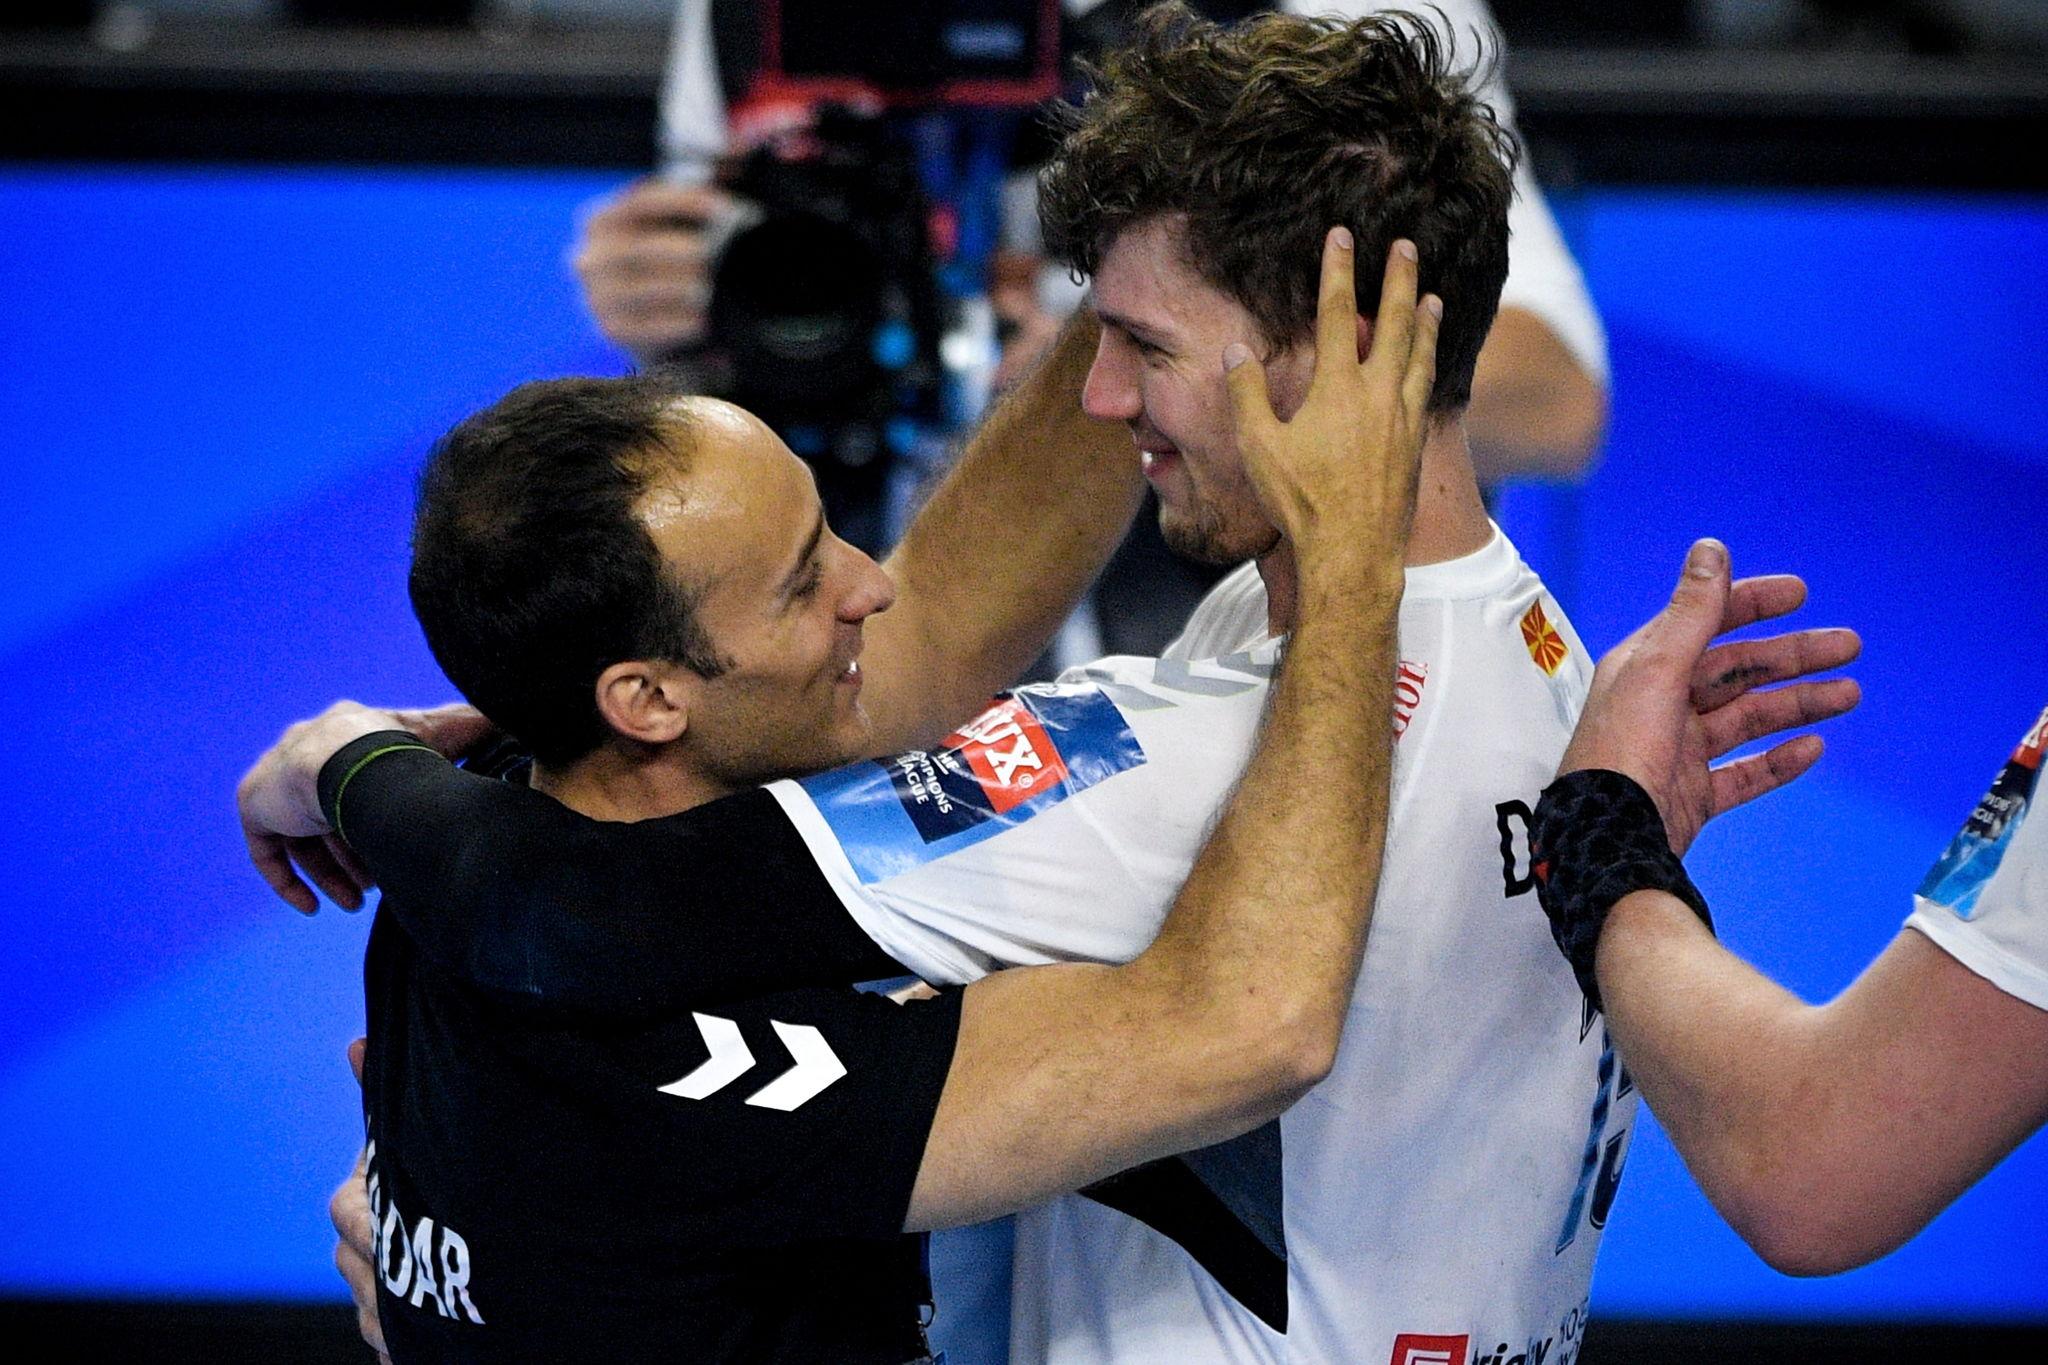 Roberto García Parrondo se felicita con el alemán Dissinger